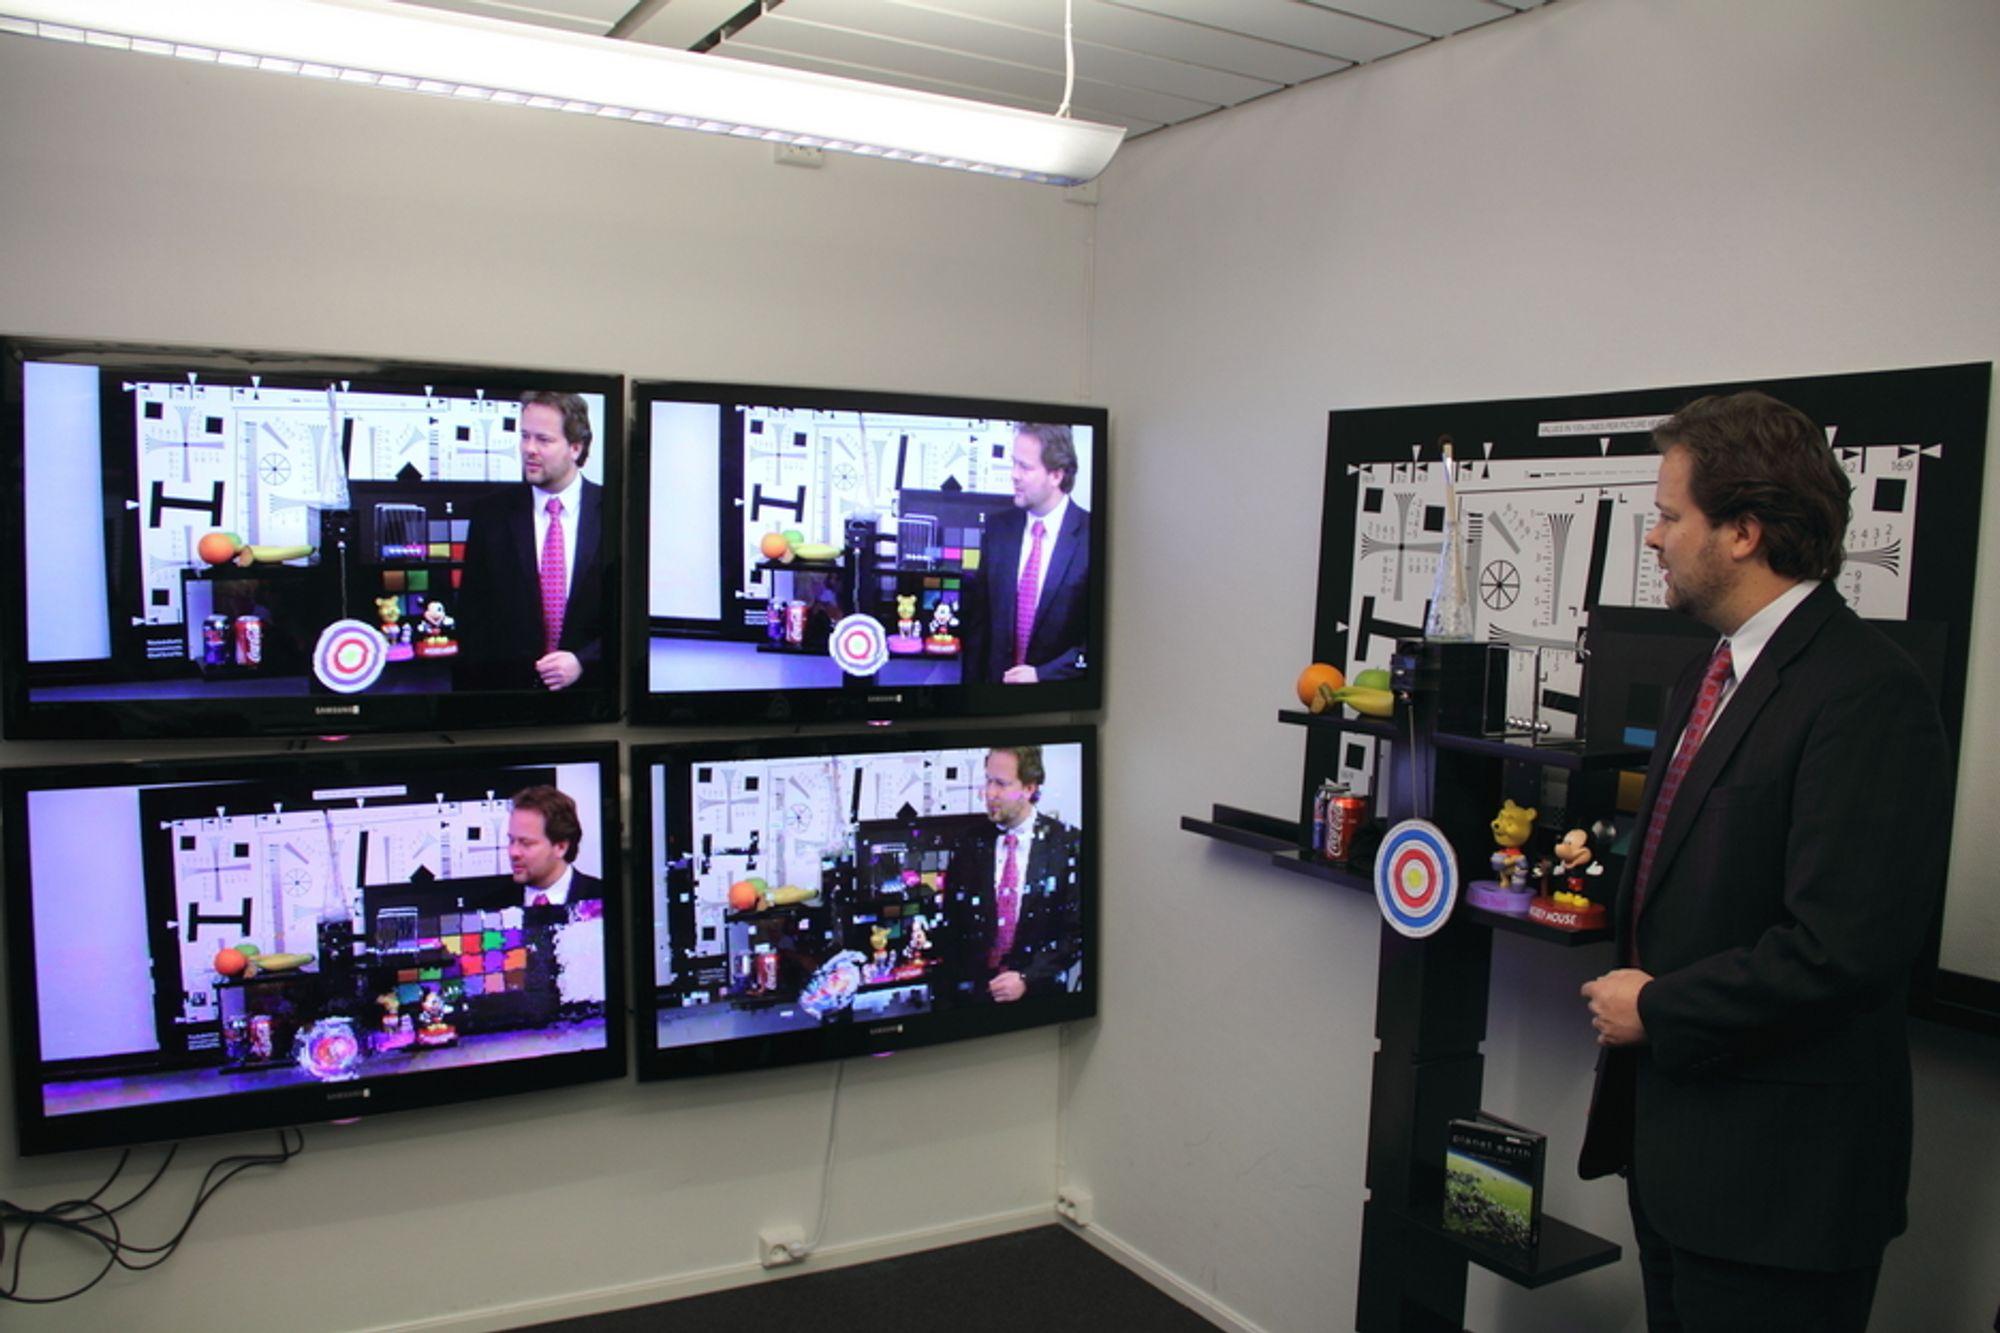 BEDRE BILDER:Bildet nederst til venstre viser feil i videostrømmen ved pakketap opp til 15 prosent - noe dagens programvare ikke  takler. Pakketapet er lite merkbart på den nye programvareversjonen (øverst til høyre) og nesten ikke merkbart i den versjonen som kommer om et par måneder (øverst til venstre). Snorre Kjesbu demonstrerer.